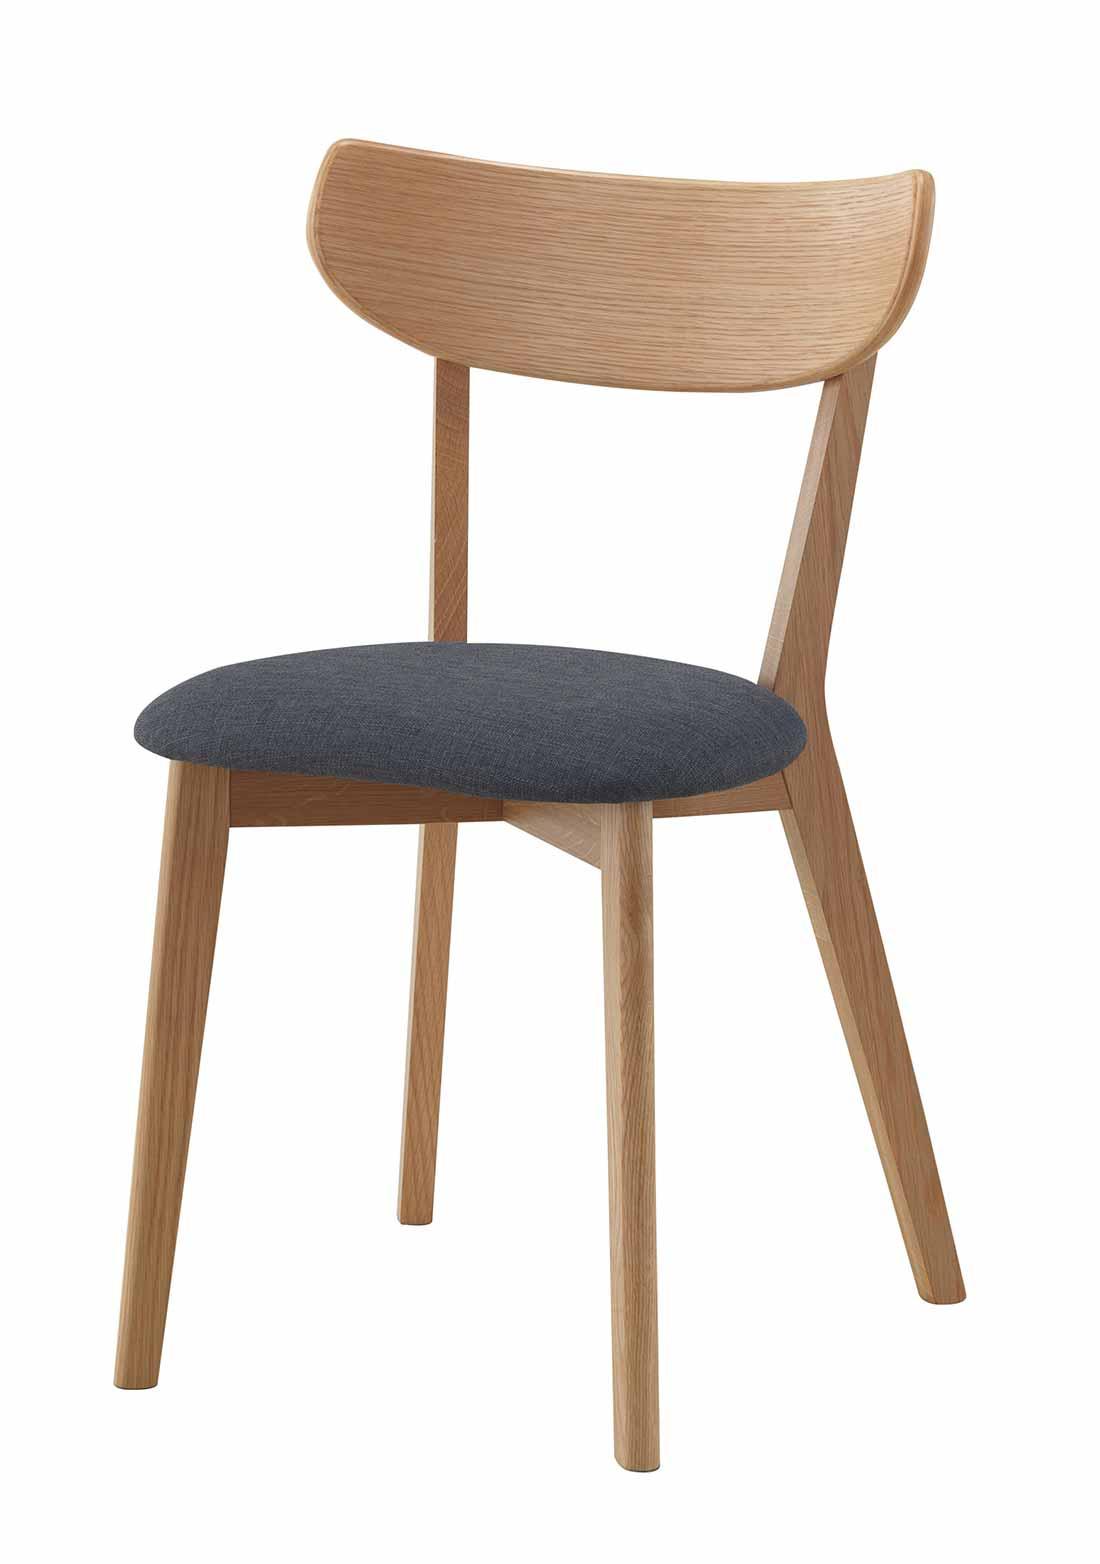 Sanna spisebordsstol - Lakeret egetræ, grå stof hynde